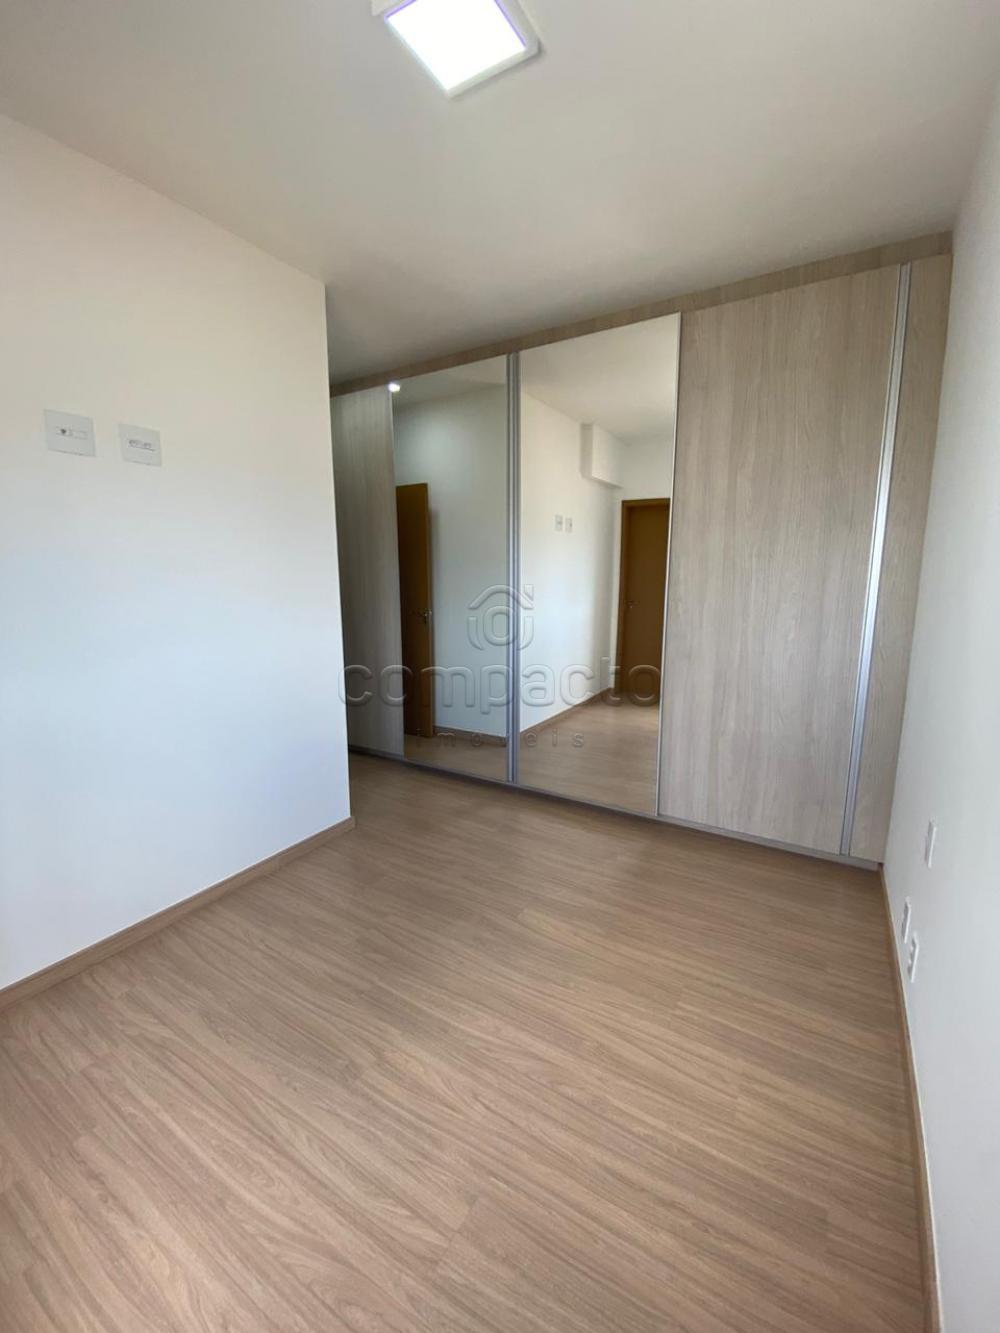 Alugar Apartamento / Padrão em São José do Rio Preto apenas R$ 2.100,00 - Foto 8